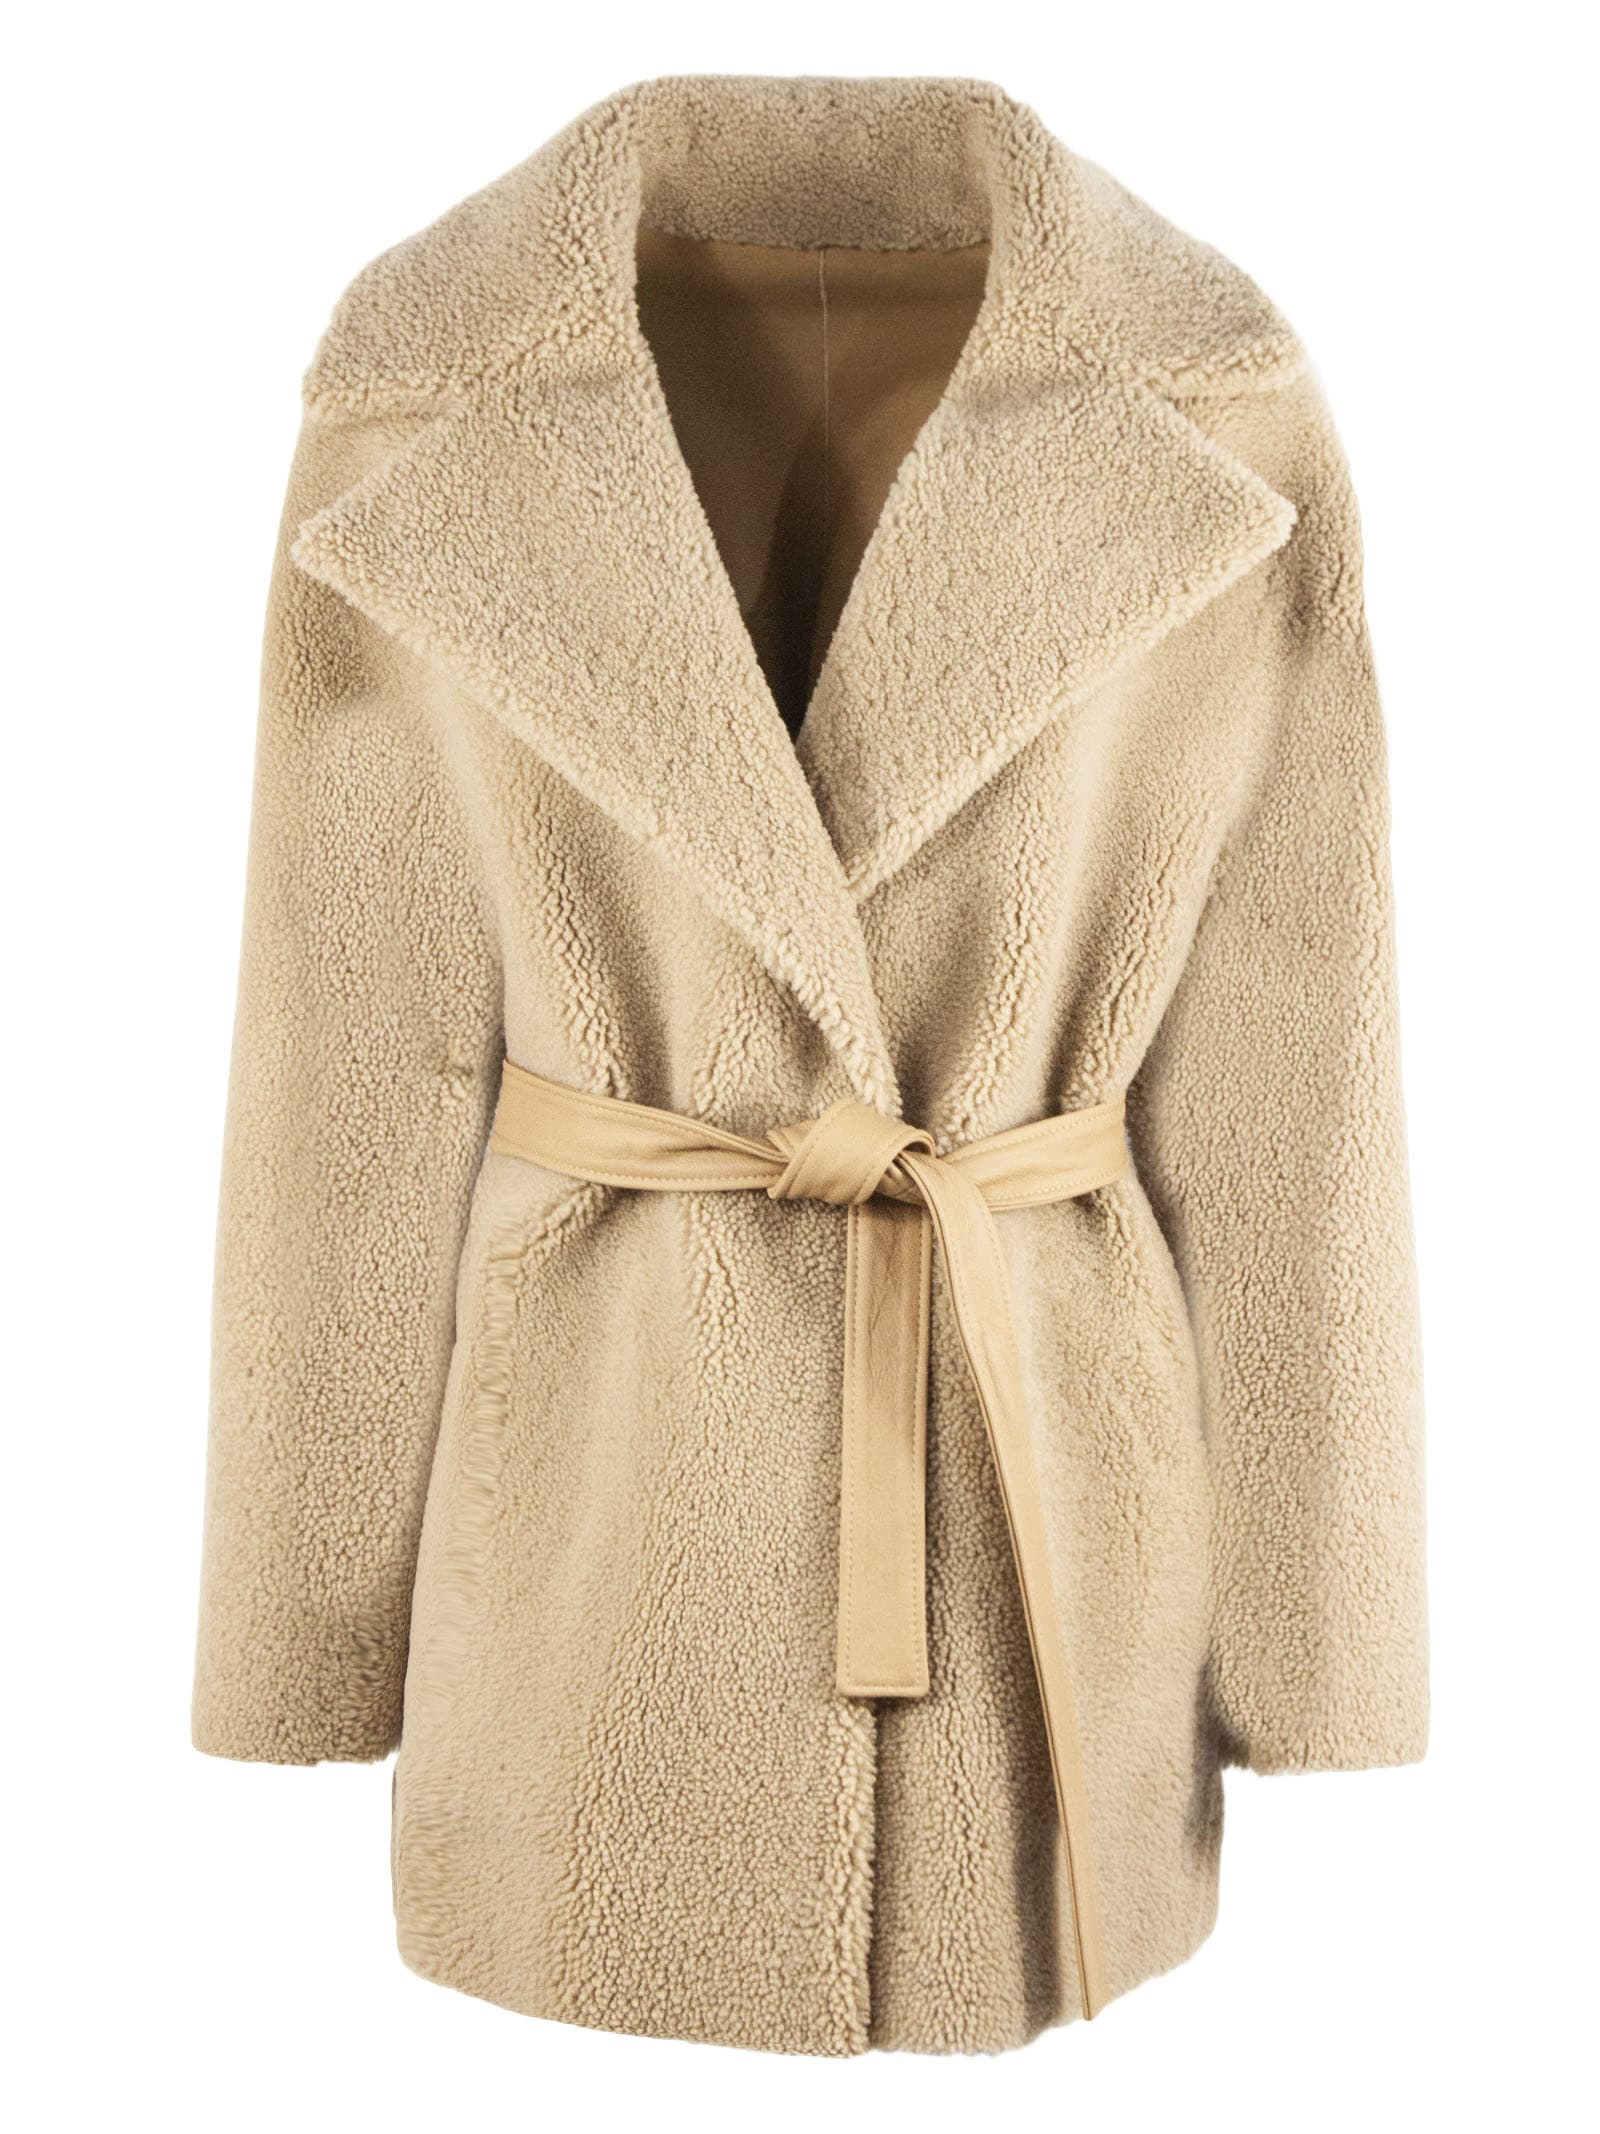 Sand Shearling/sheepskin Coat